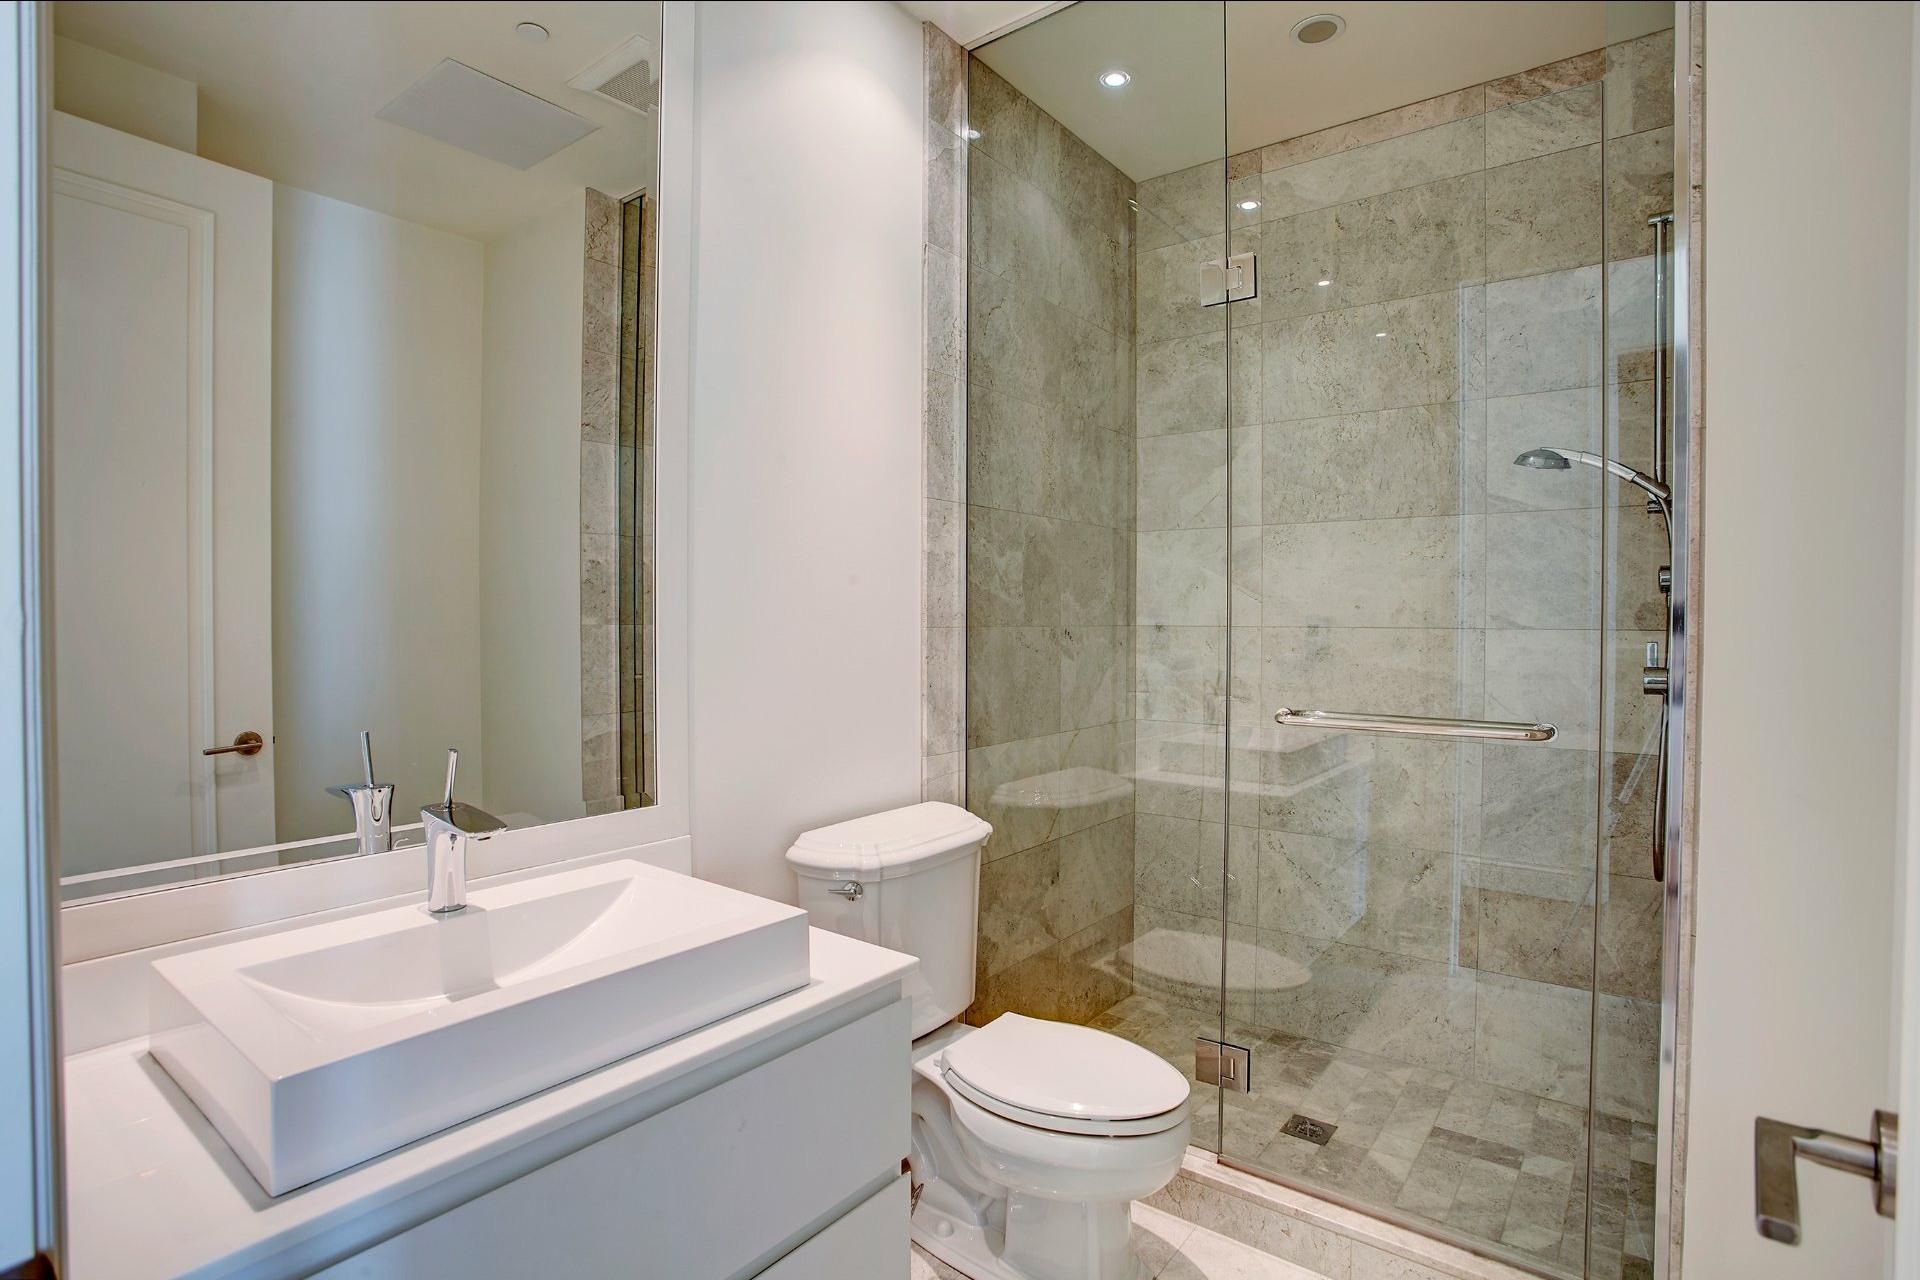 image 18 - Apartment For sale Montréal Ville-Marie  - 4 rooms